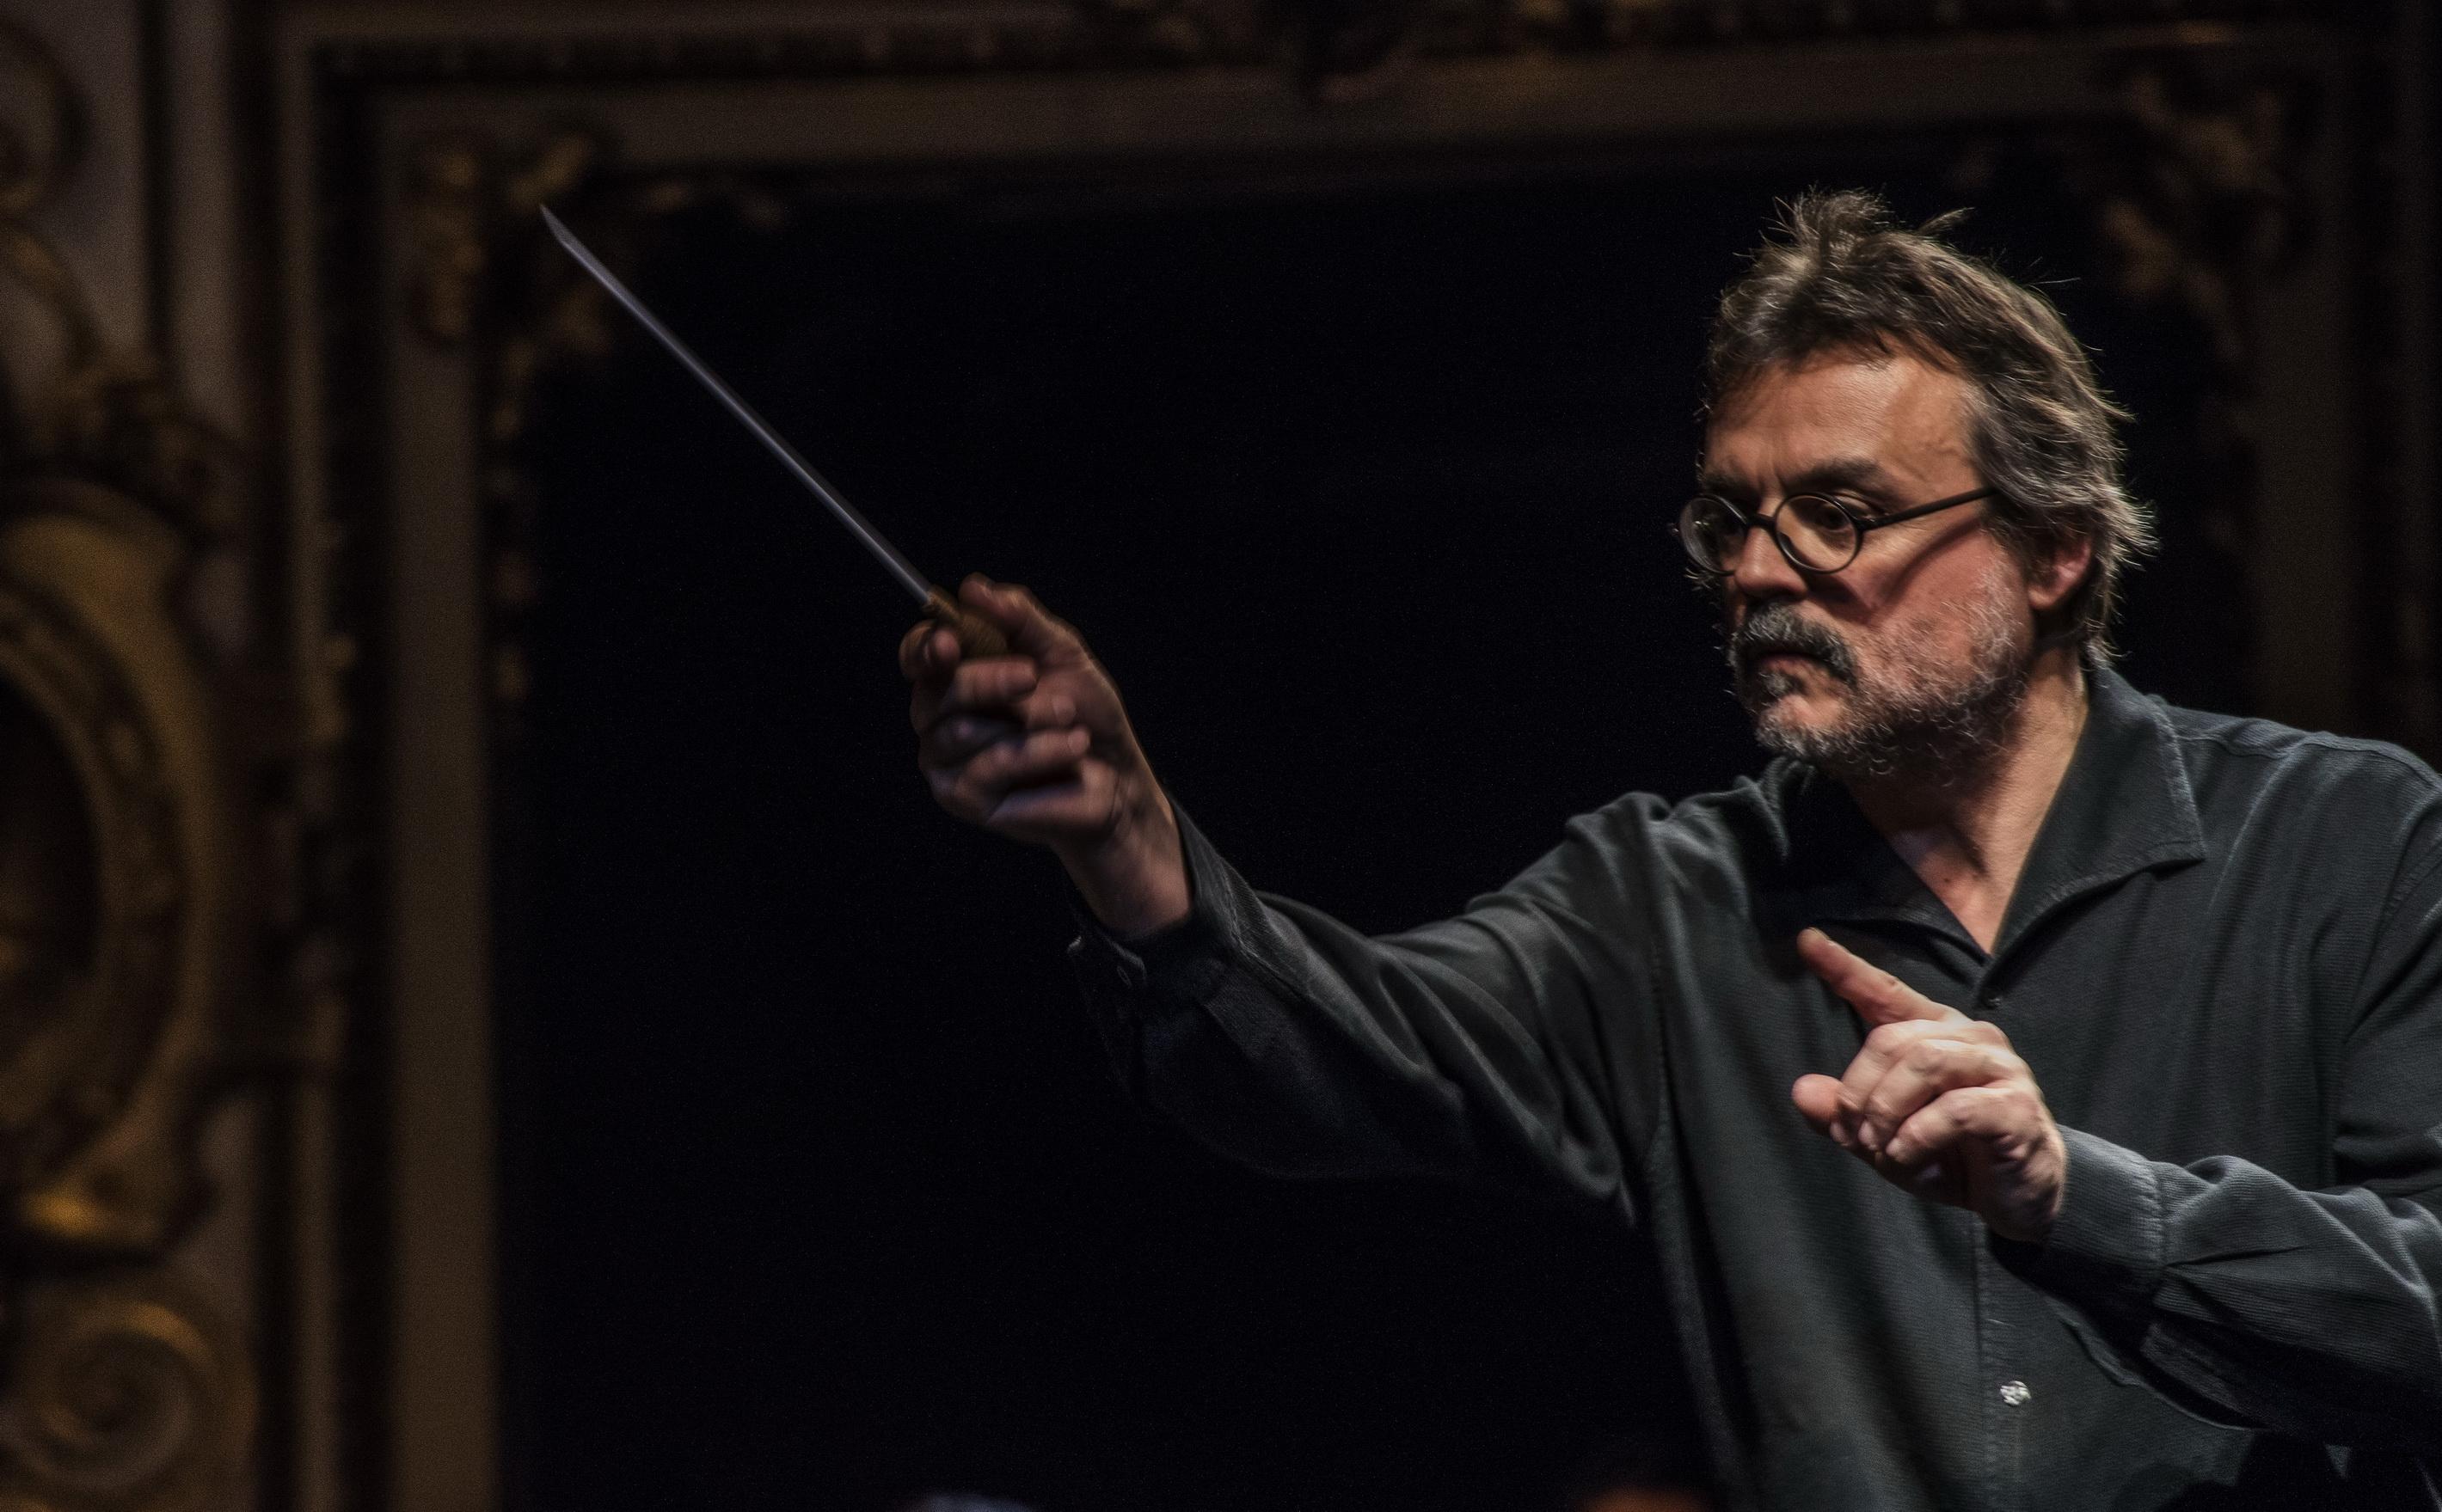 Roberto Bonati Conducts the ParmaFrontiere Orchestra